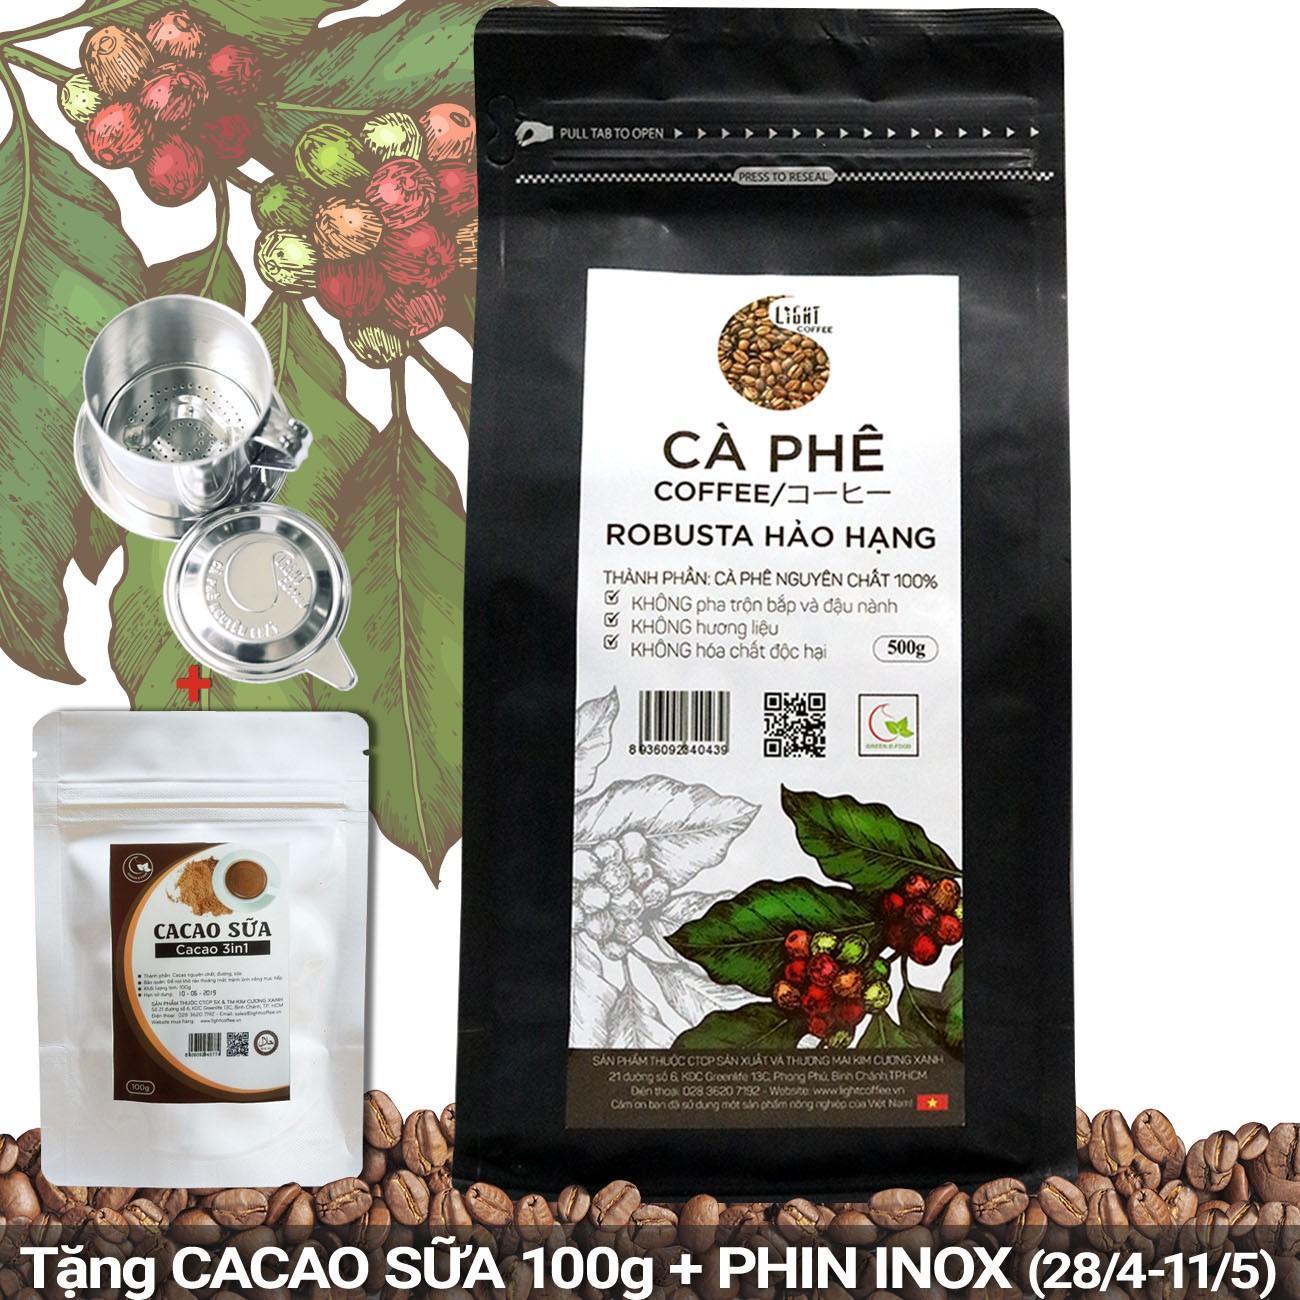 Giá Bán Ca Phe Hạt Nguyen Chất 100 Robusta Hảo Hạng Light Coffee Goi 500G Hồ Chí Minh